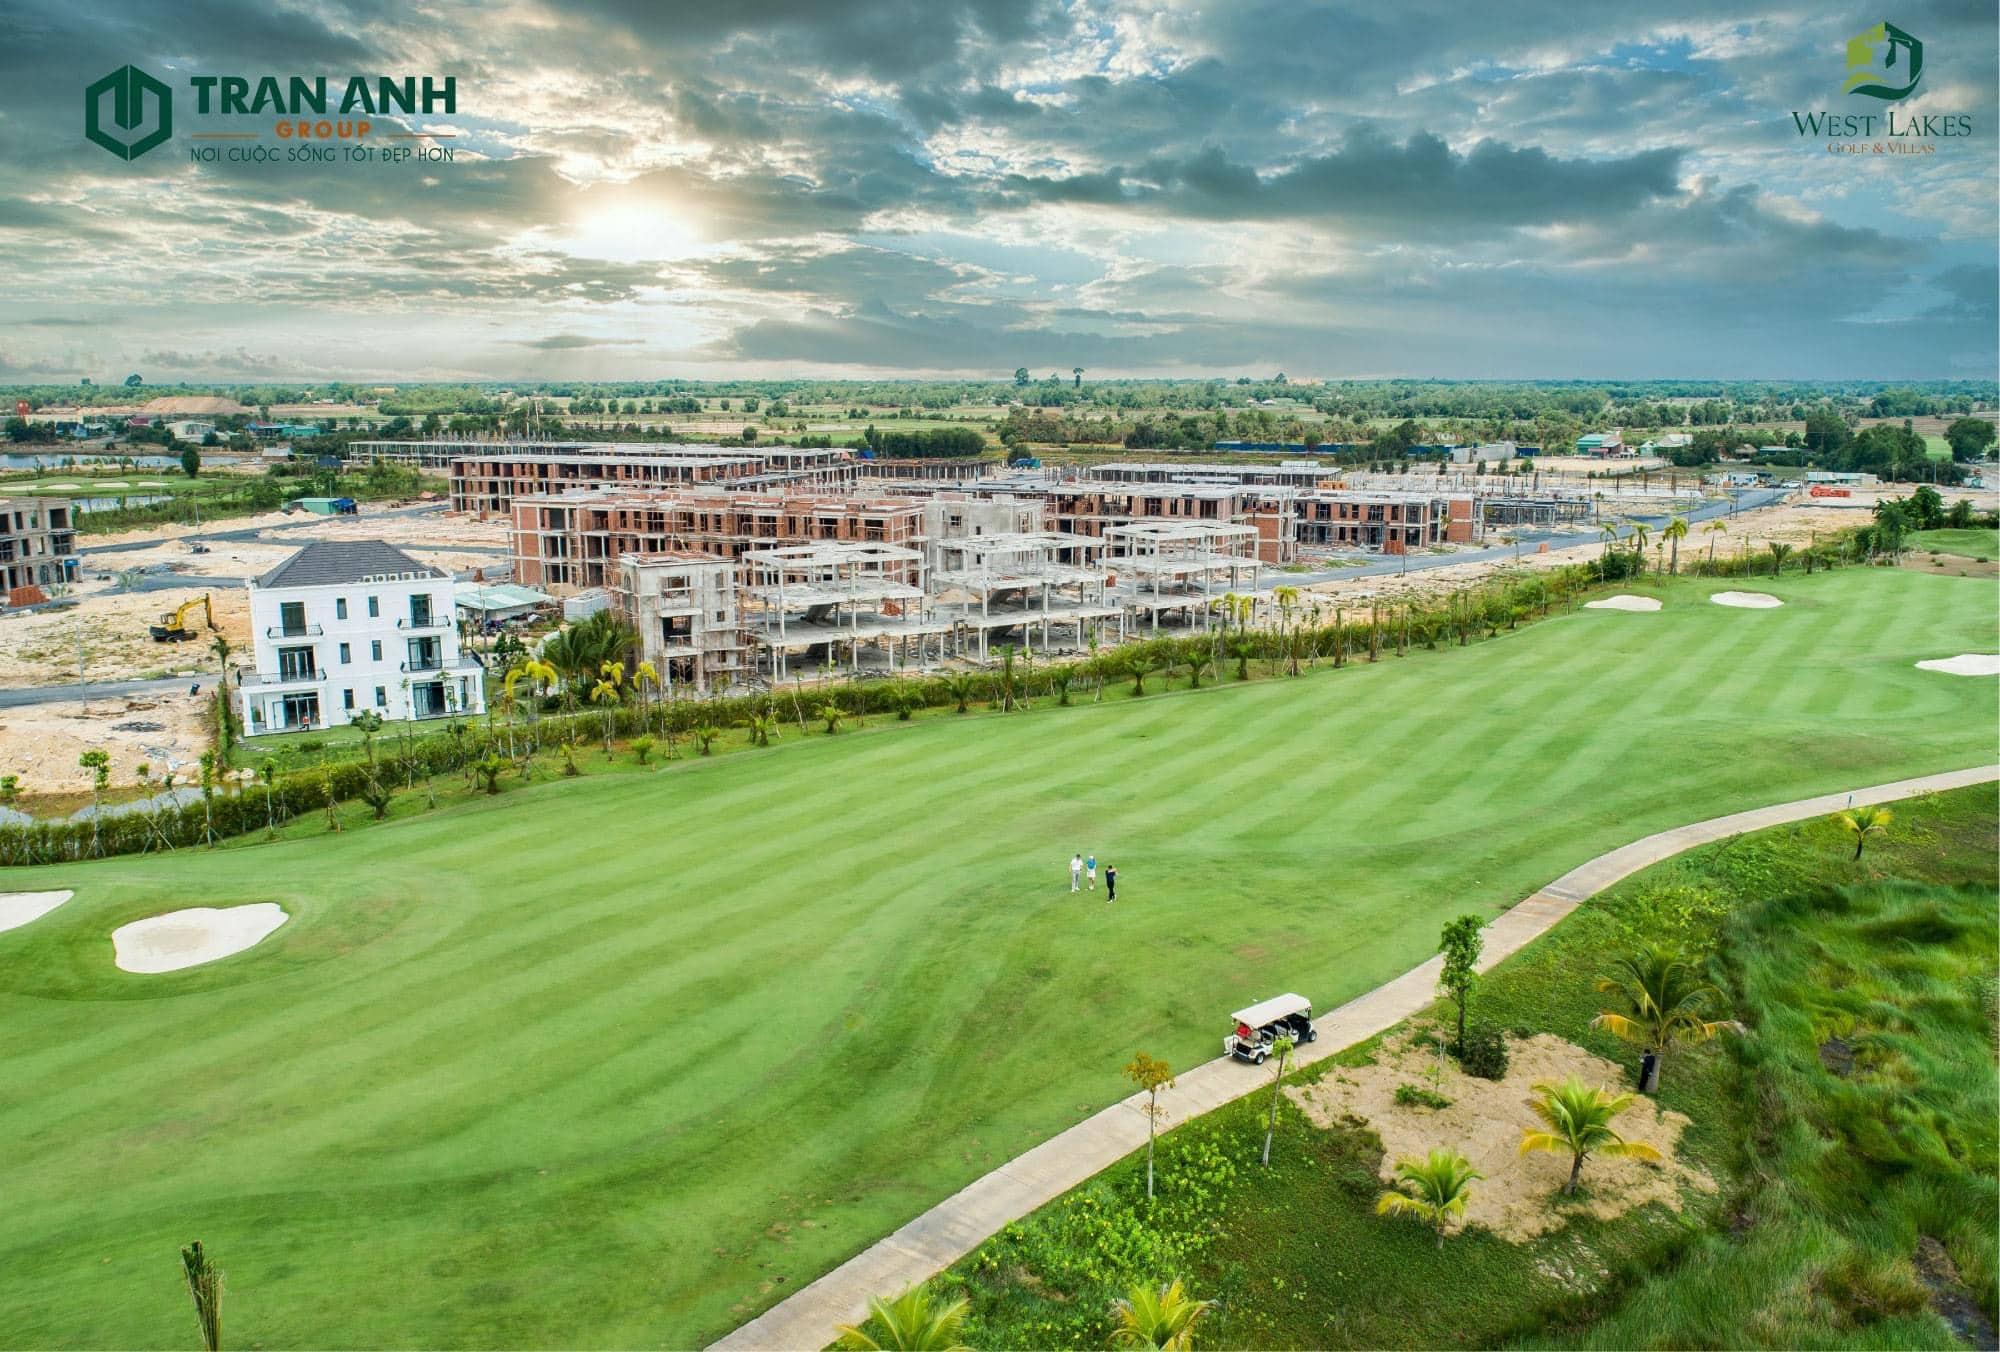 Đô thị sân Golf West Lakes – Bài toán thông minh cho các nhà đầu tư tại Long An